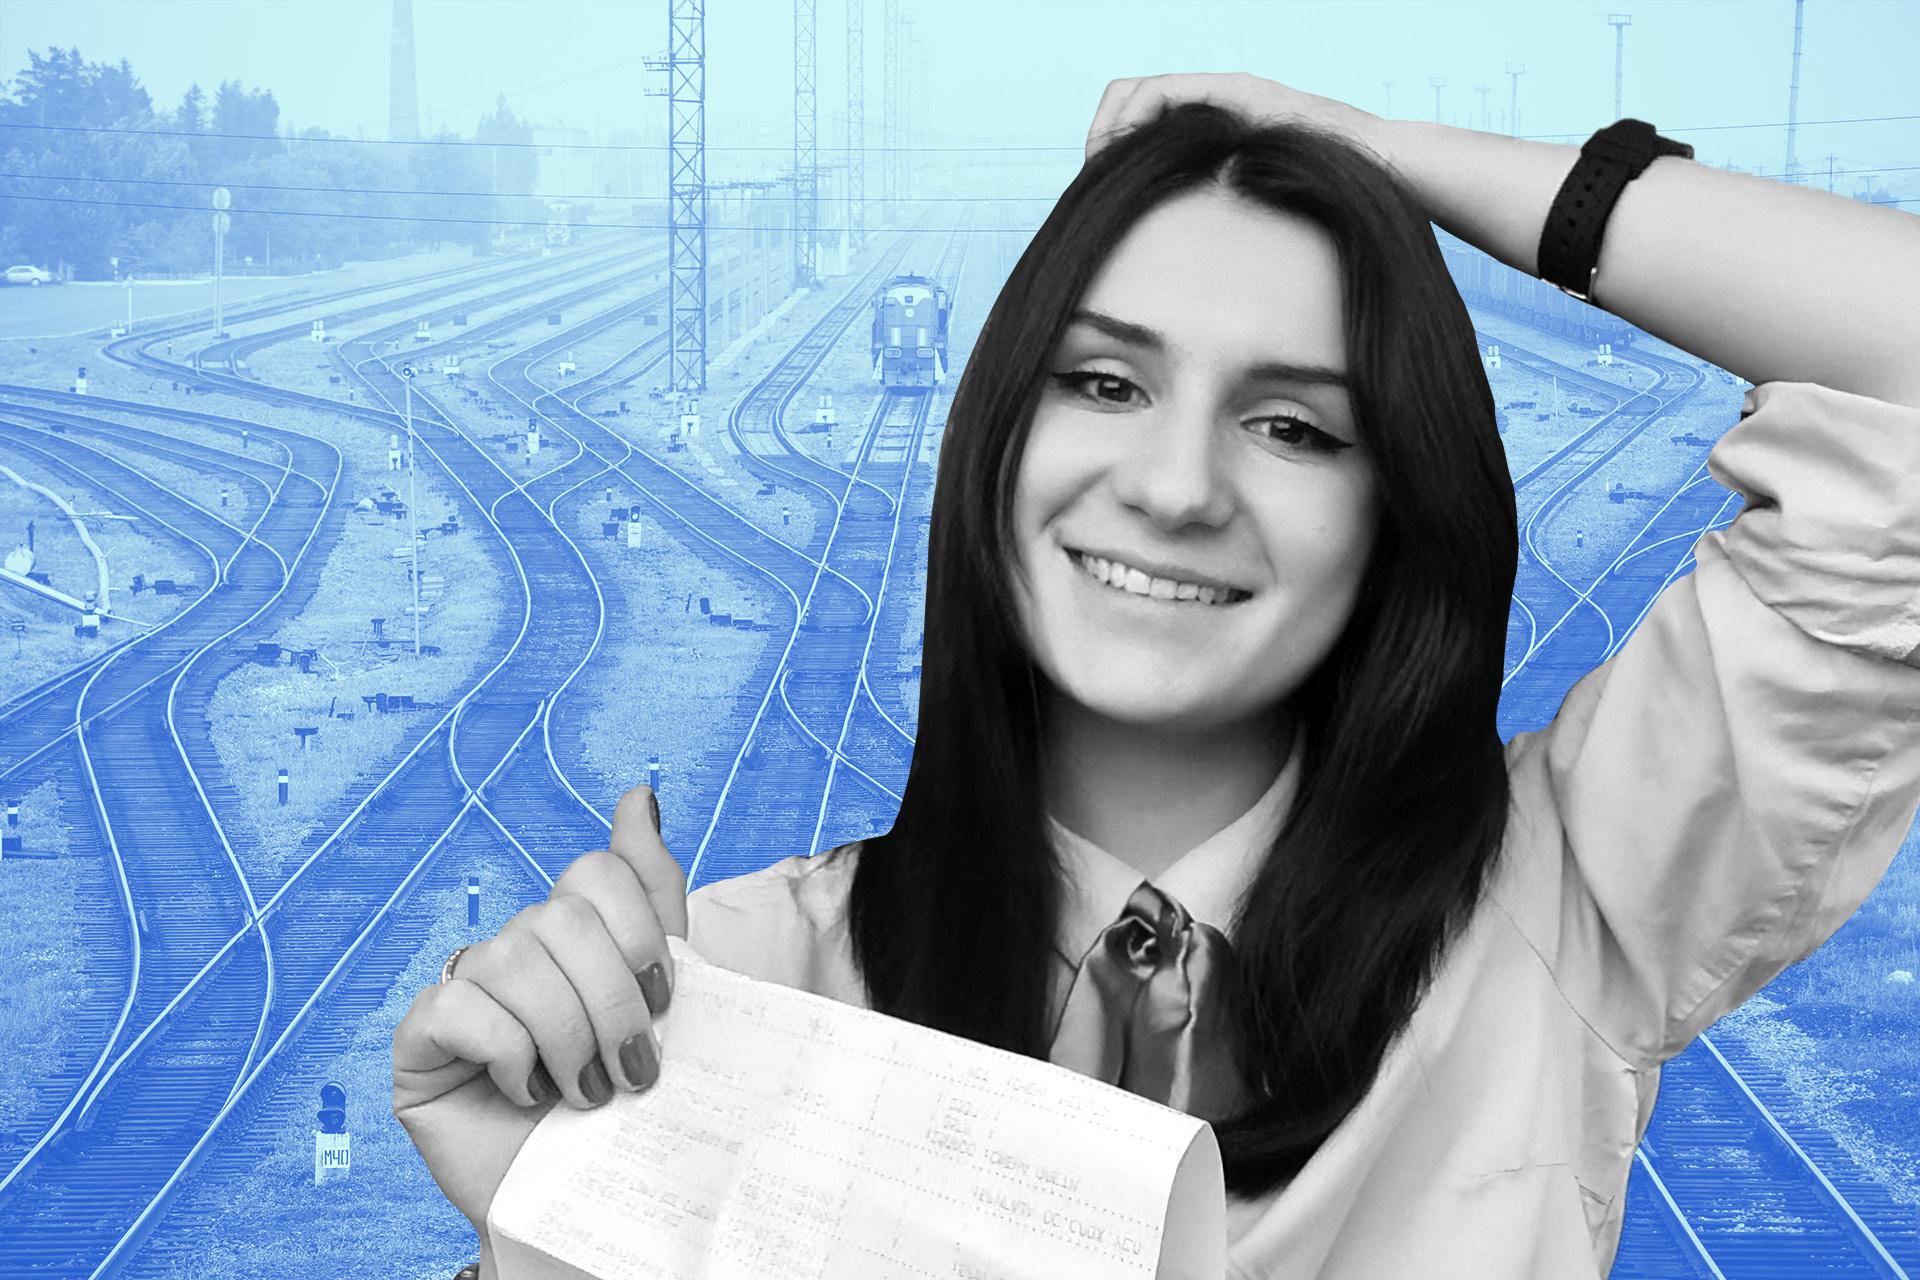 Первая женщина в профессии машиниста электропоезда